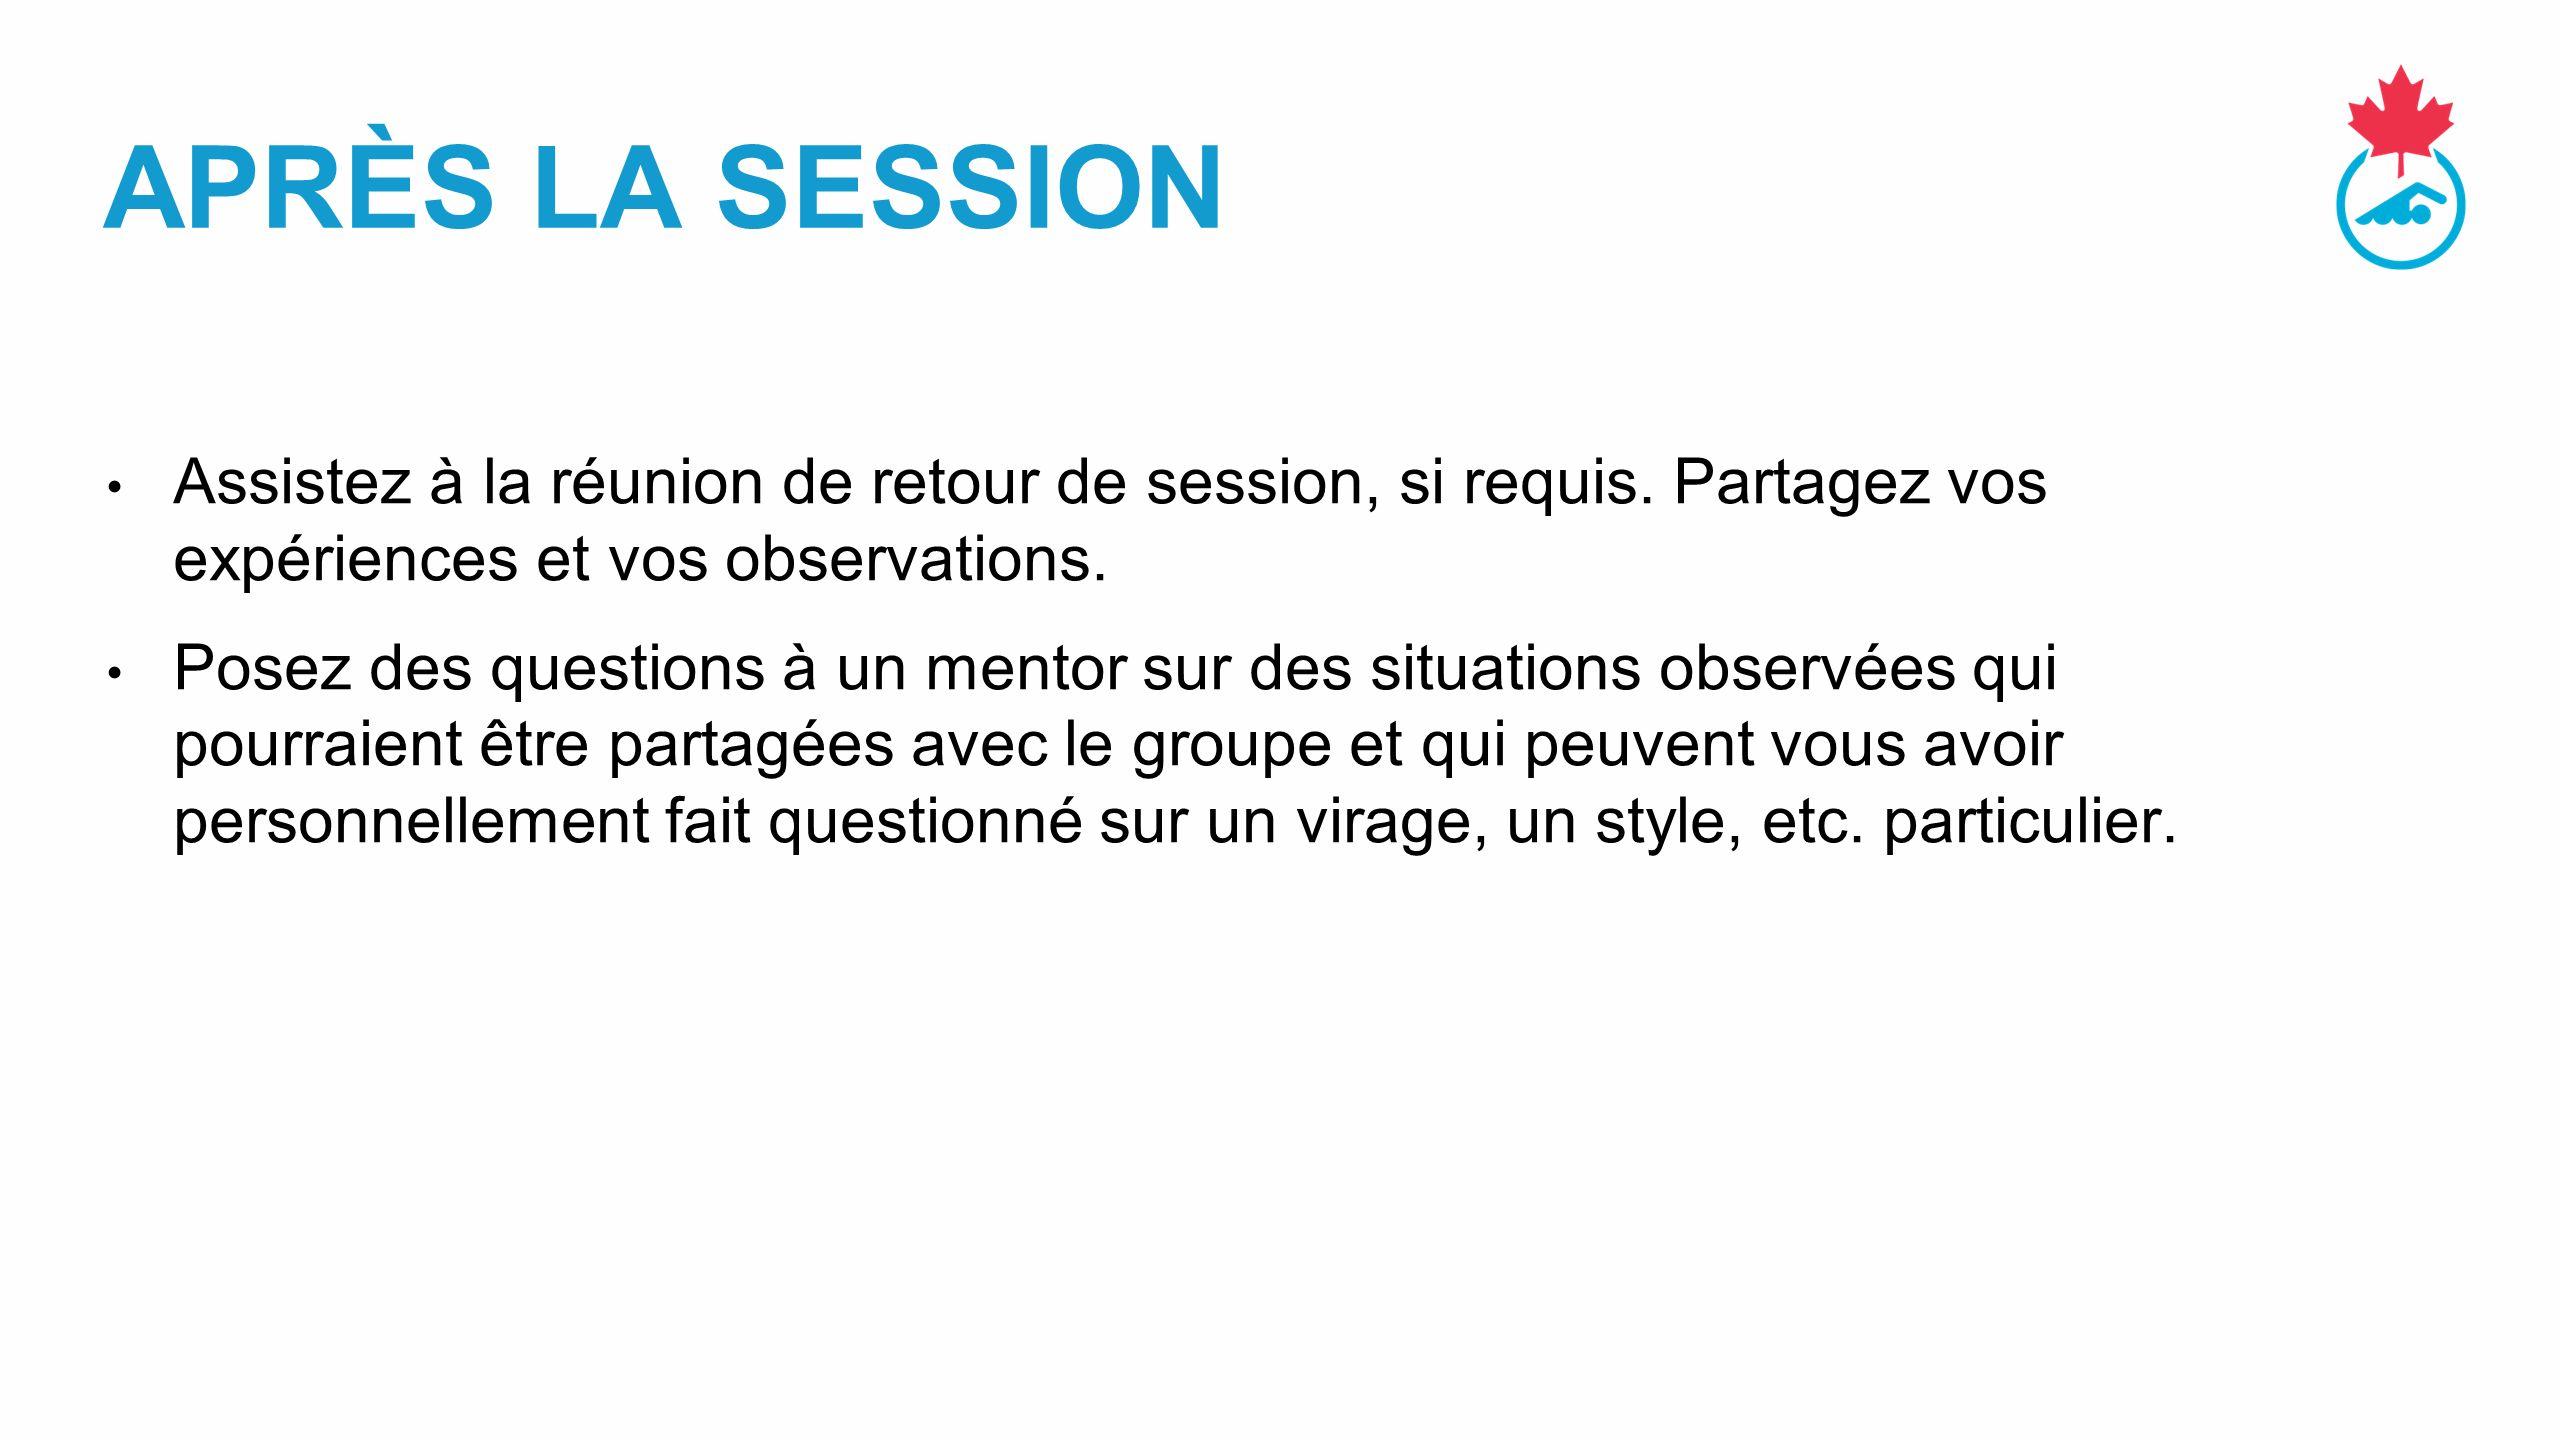 APRÈS LA SESSION Assistez à la réunion de retour de session, si requis. Partagez vos expériences et vos observations.